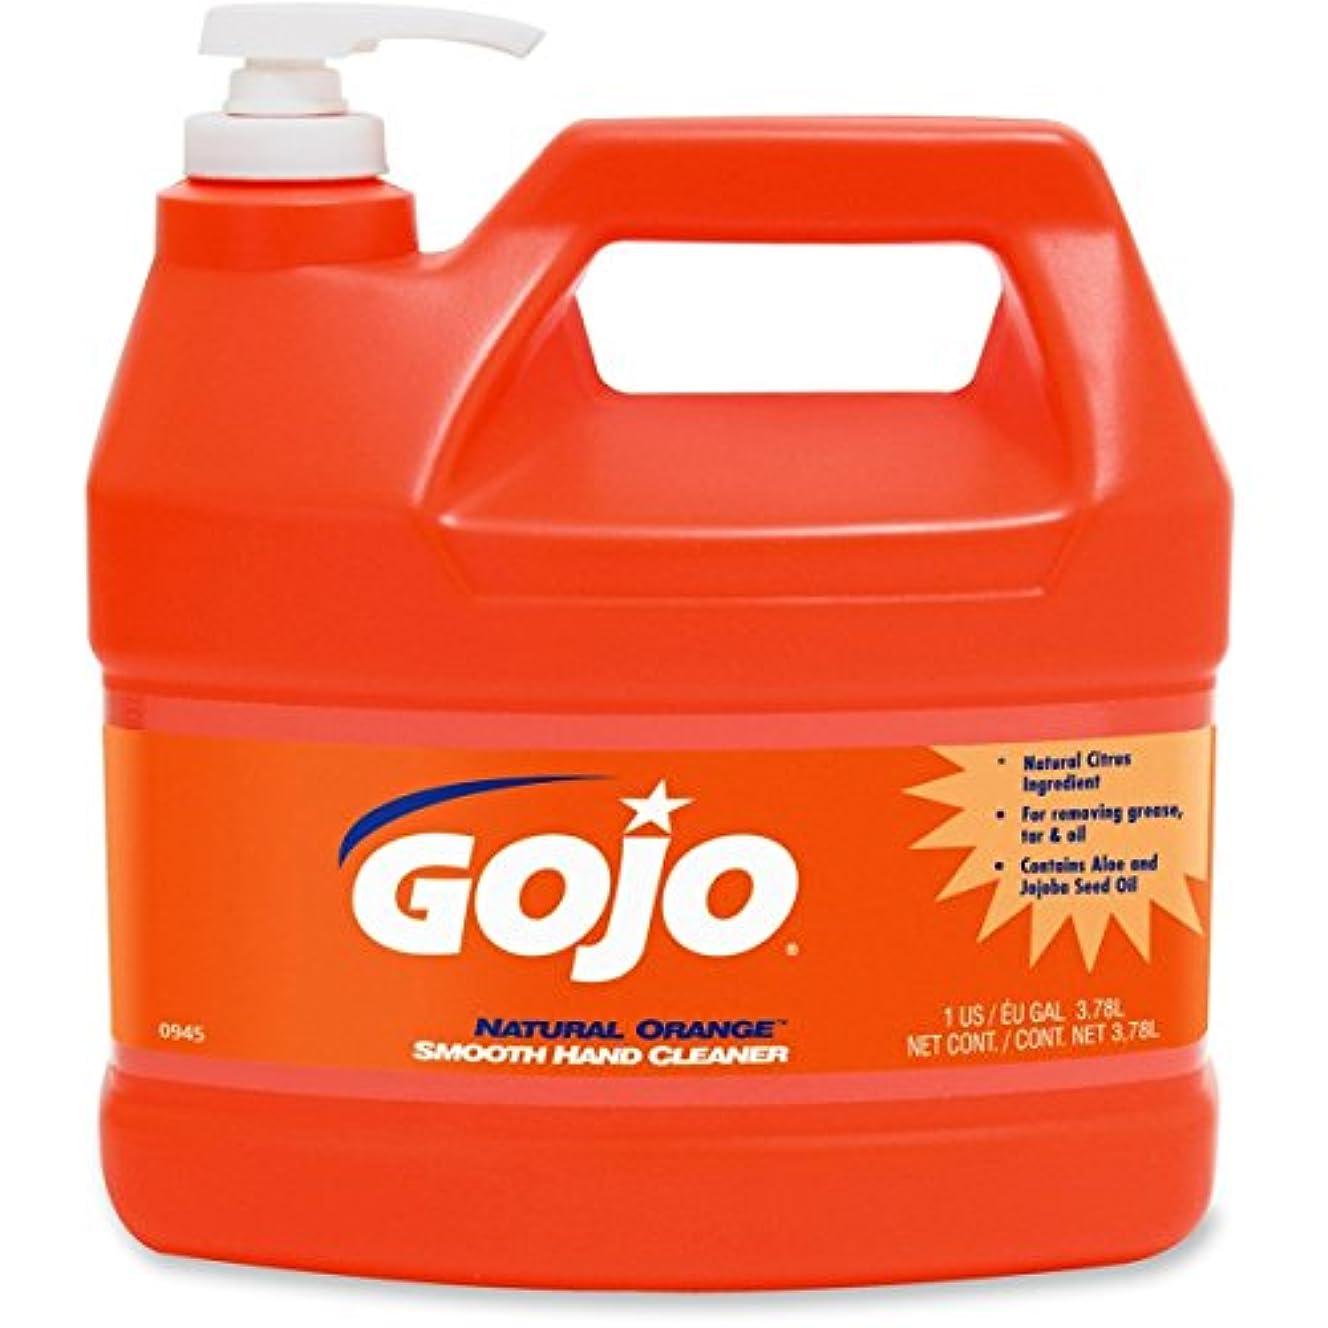 カルシウム検査官最少goj094504 – GOJOナチュラルオレンジSmooth heavy-duty Hand Cleaner